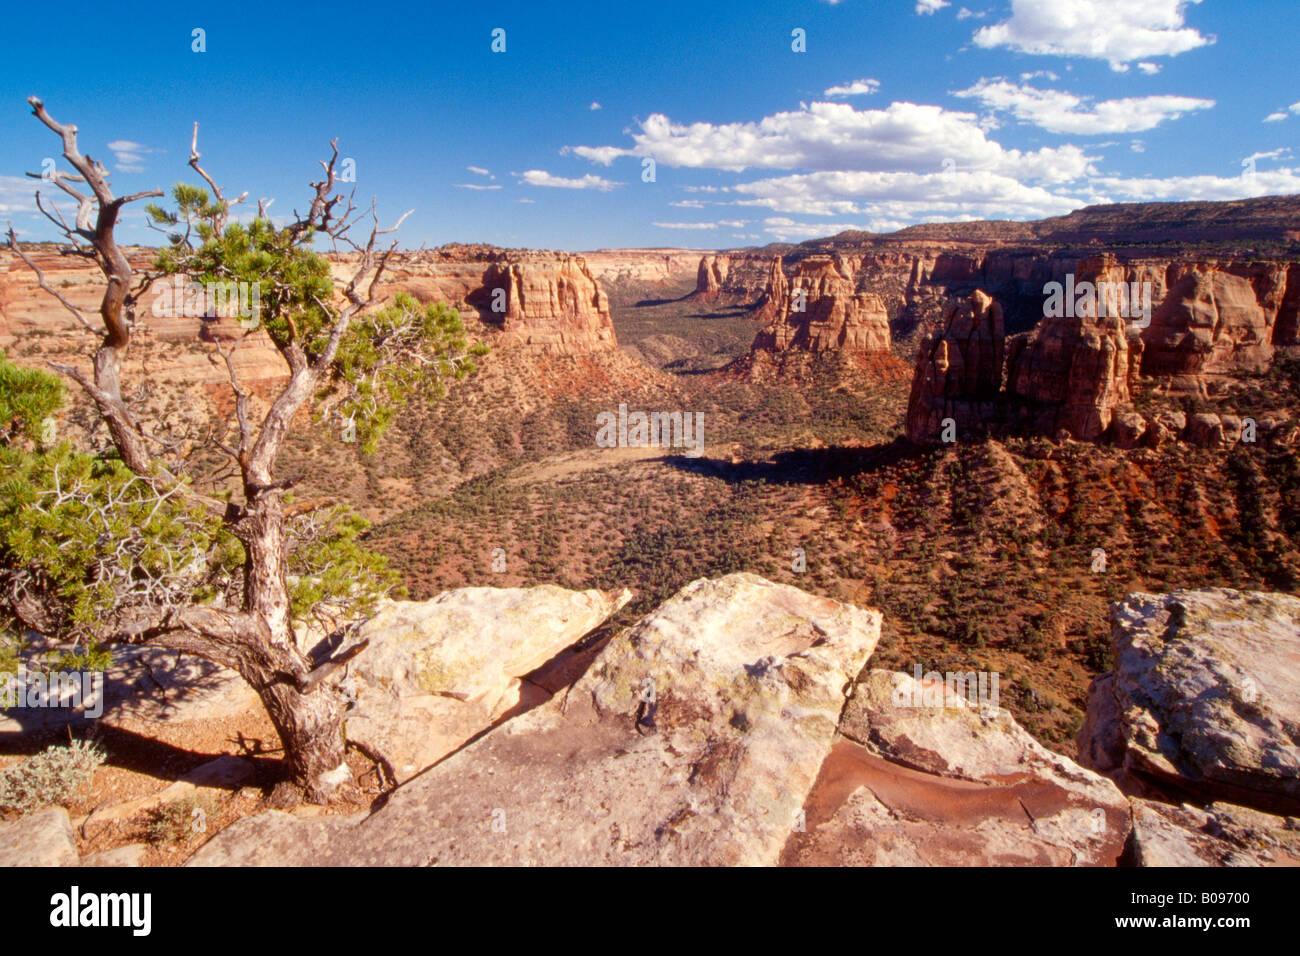 Colorado National Monument, Colorado, USA - Stock Image